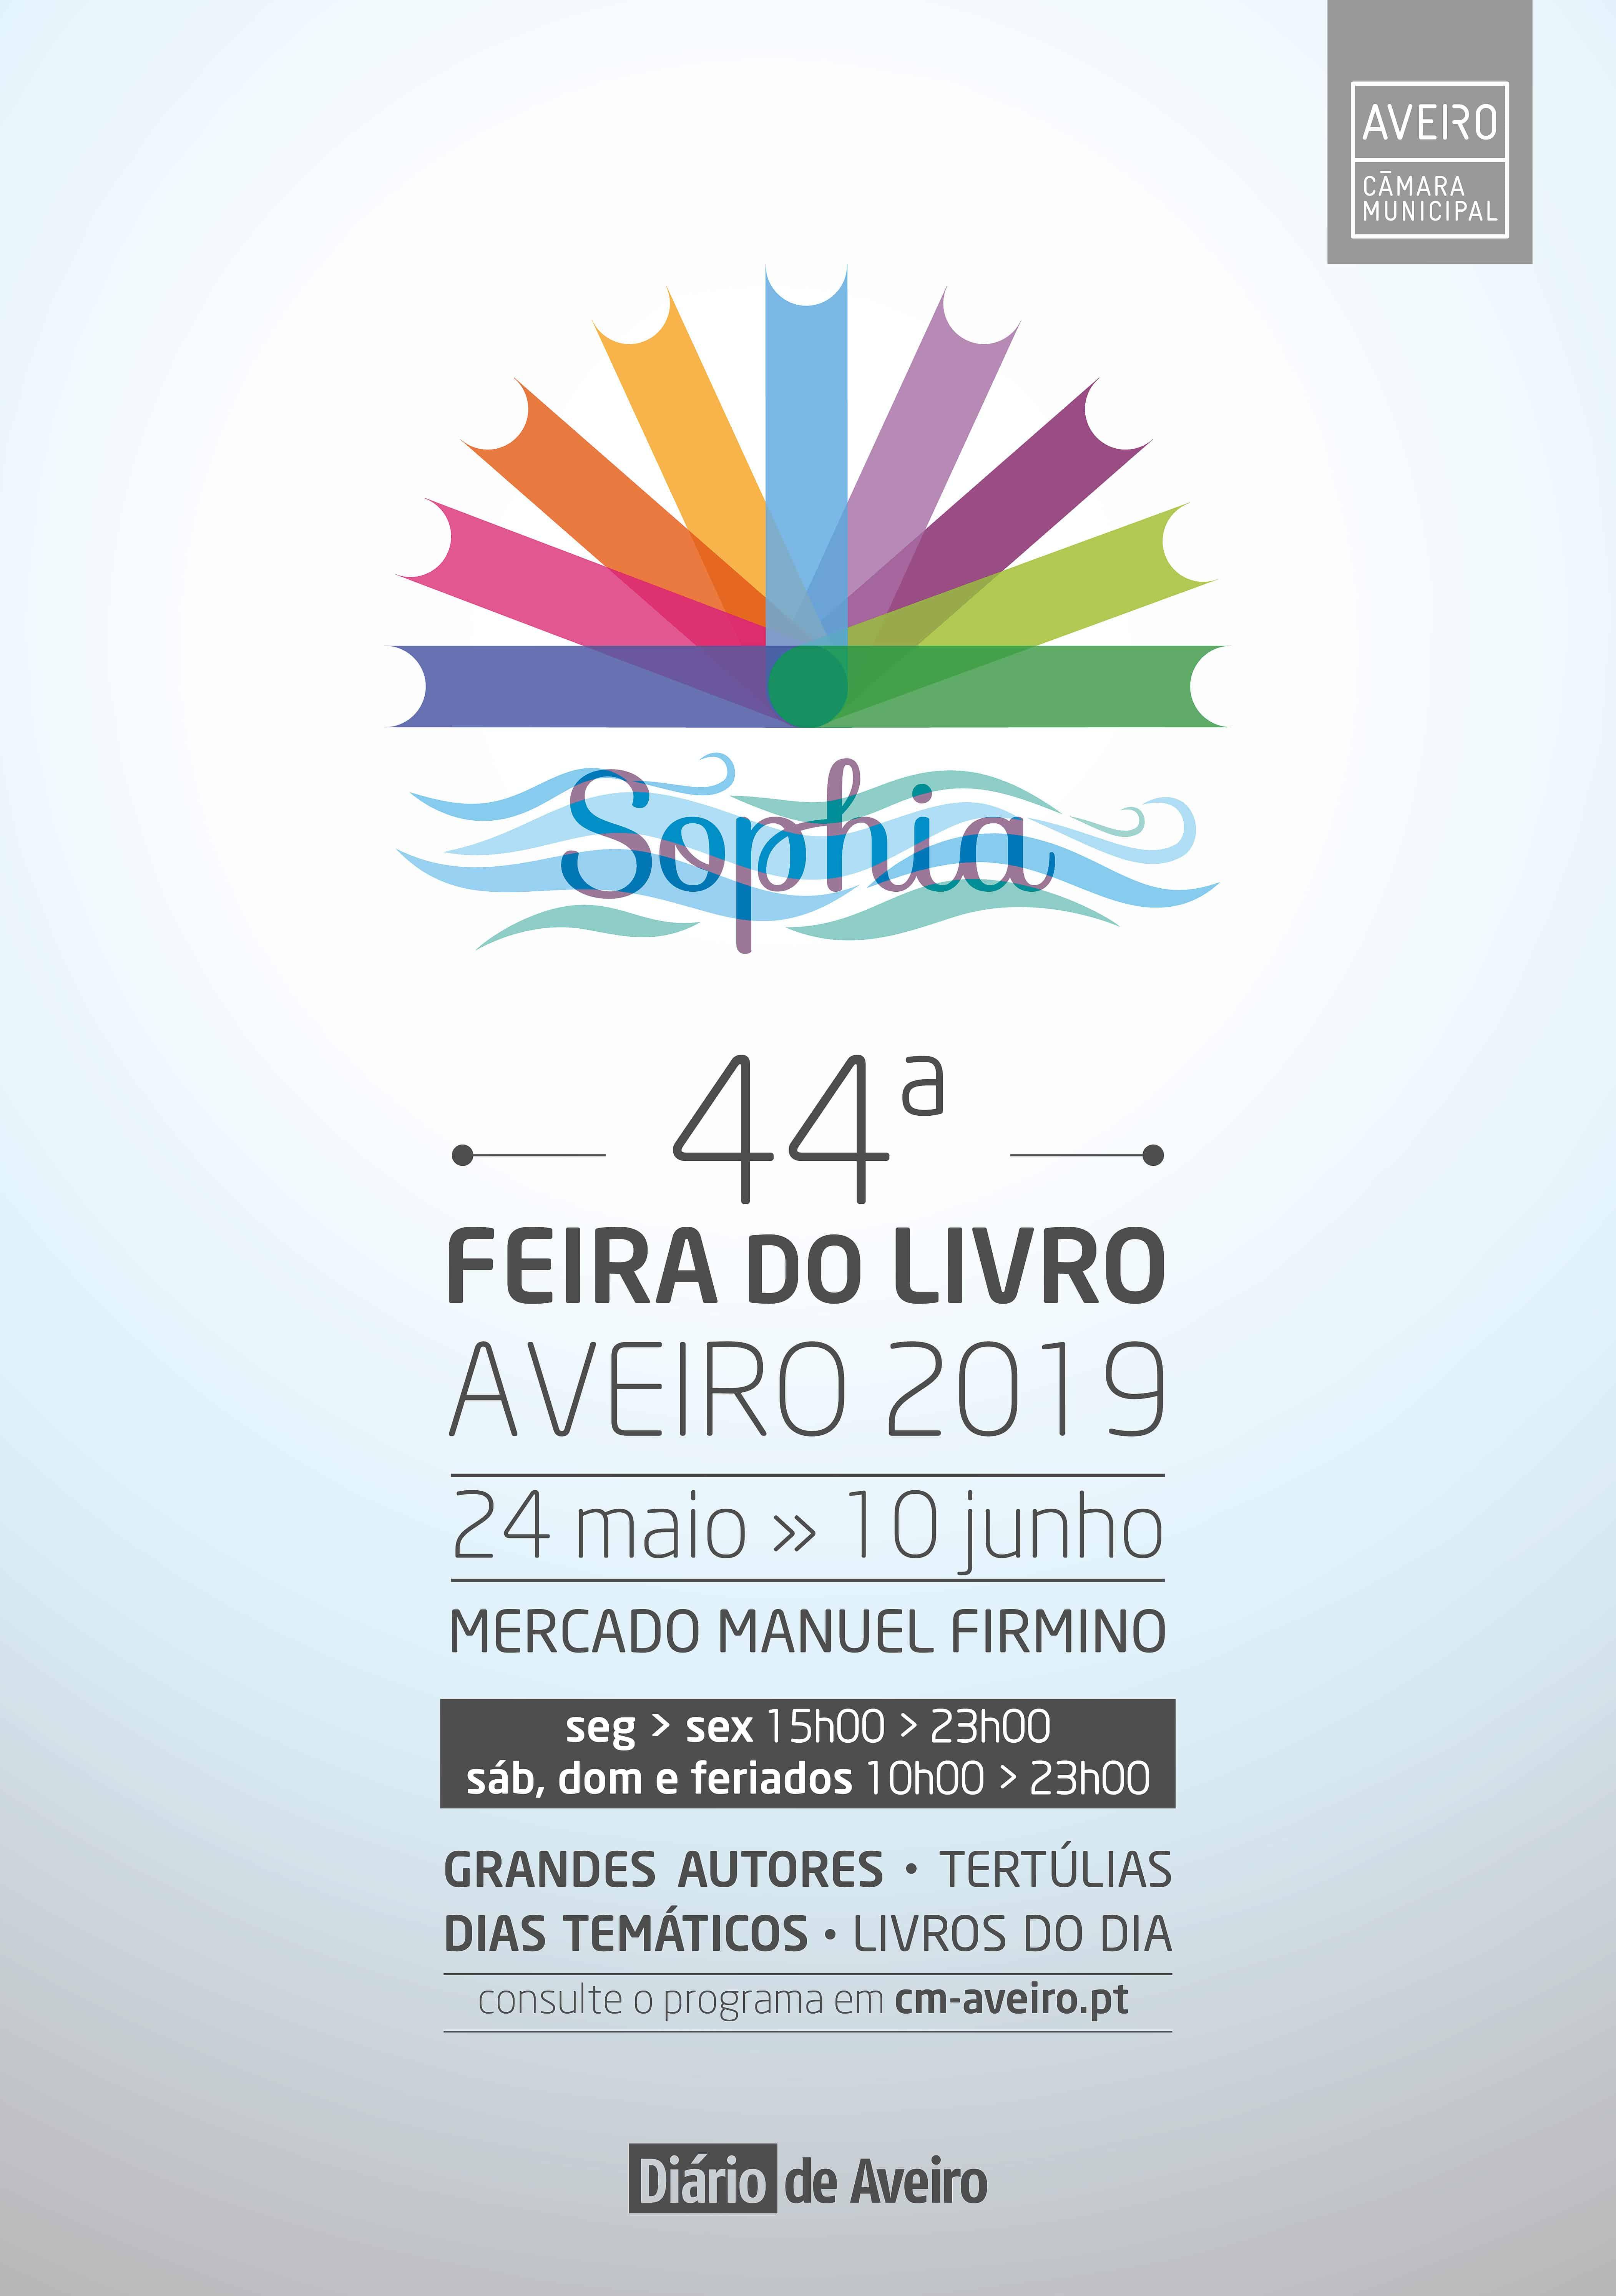 44ª FEIRA DO LIVRO DE AVEIRO 2019